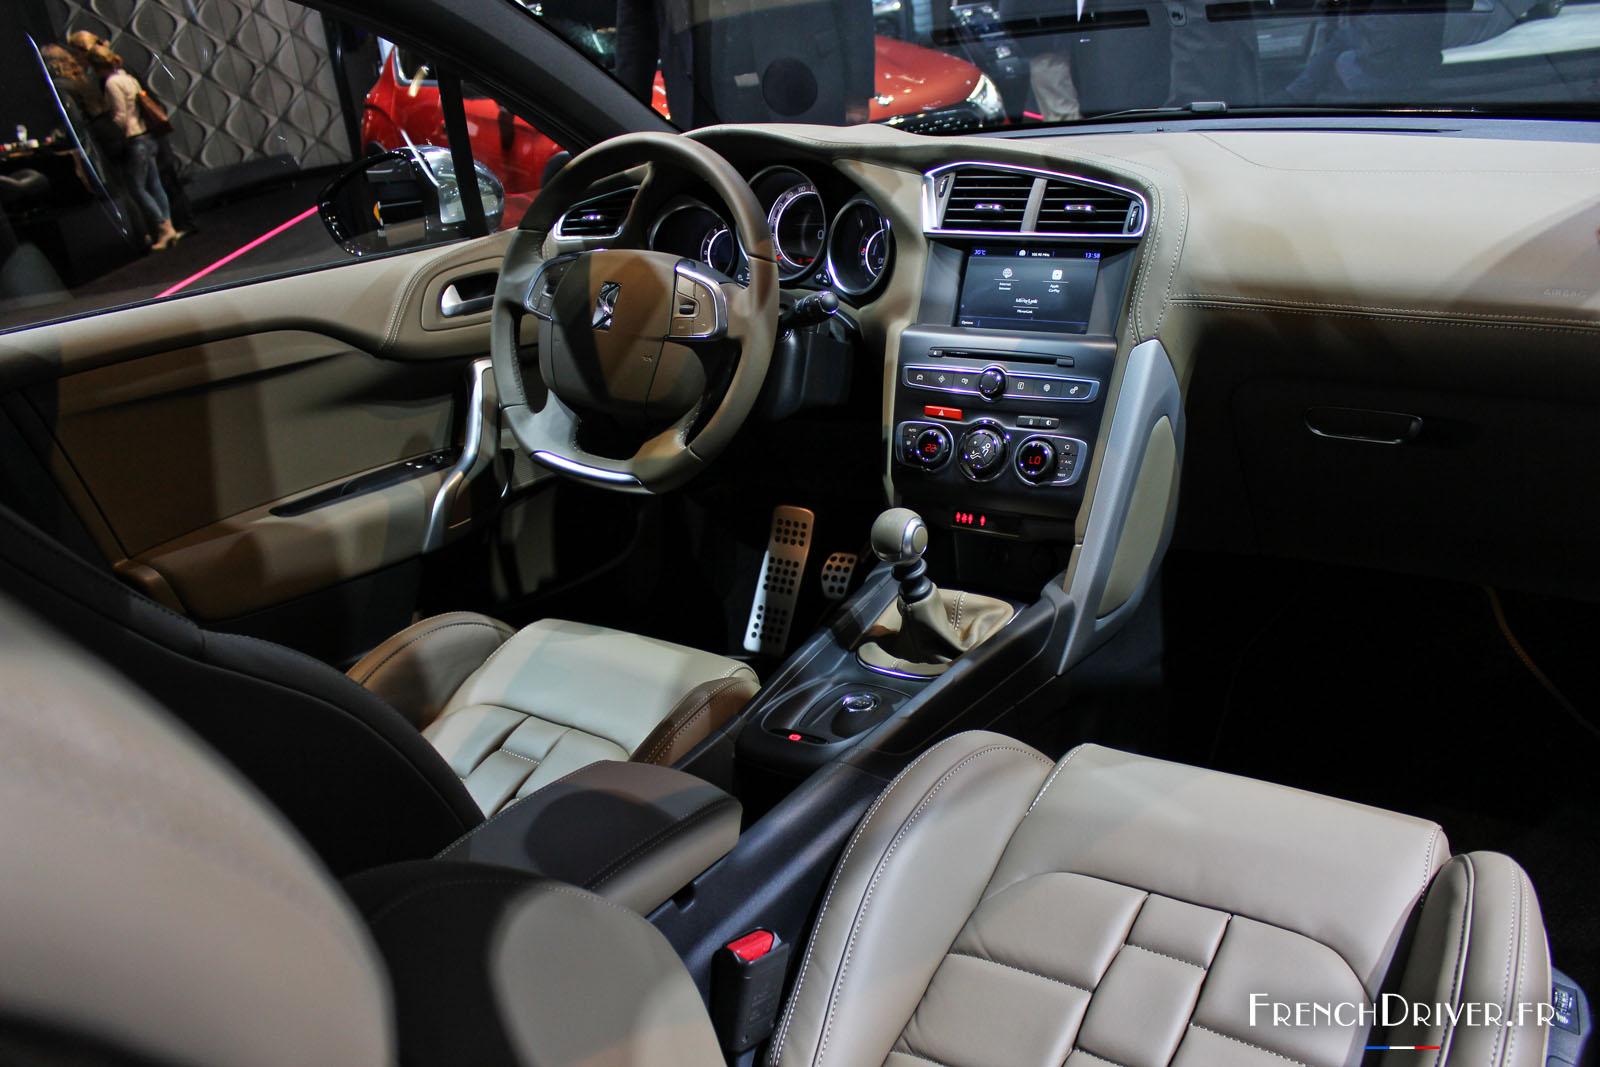 ds automobiles au salon de francfort 2015 french driver. Black Bedroom Furniture Sets. Home Design Ideas